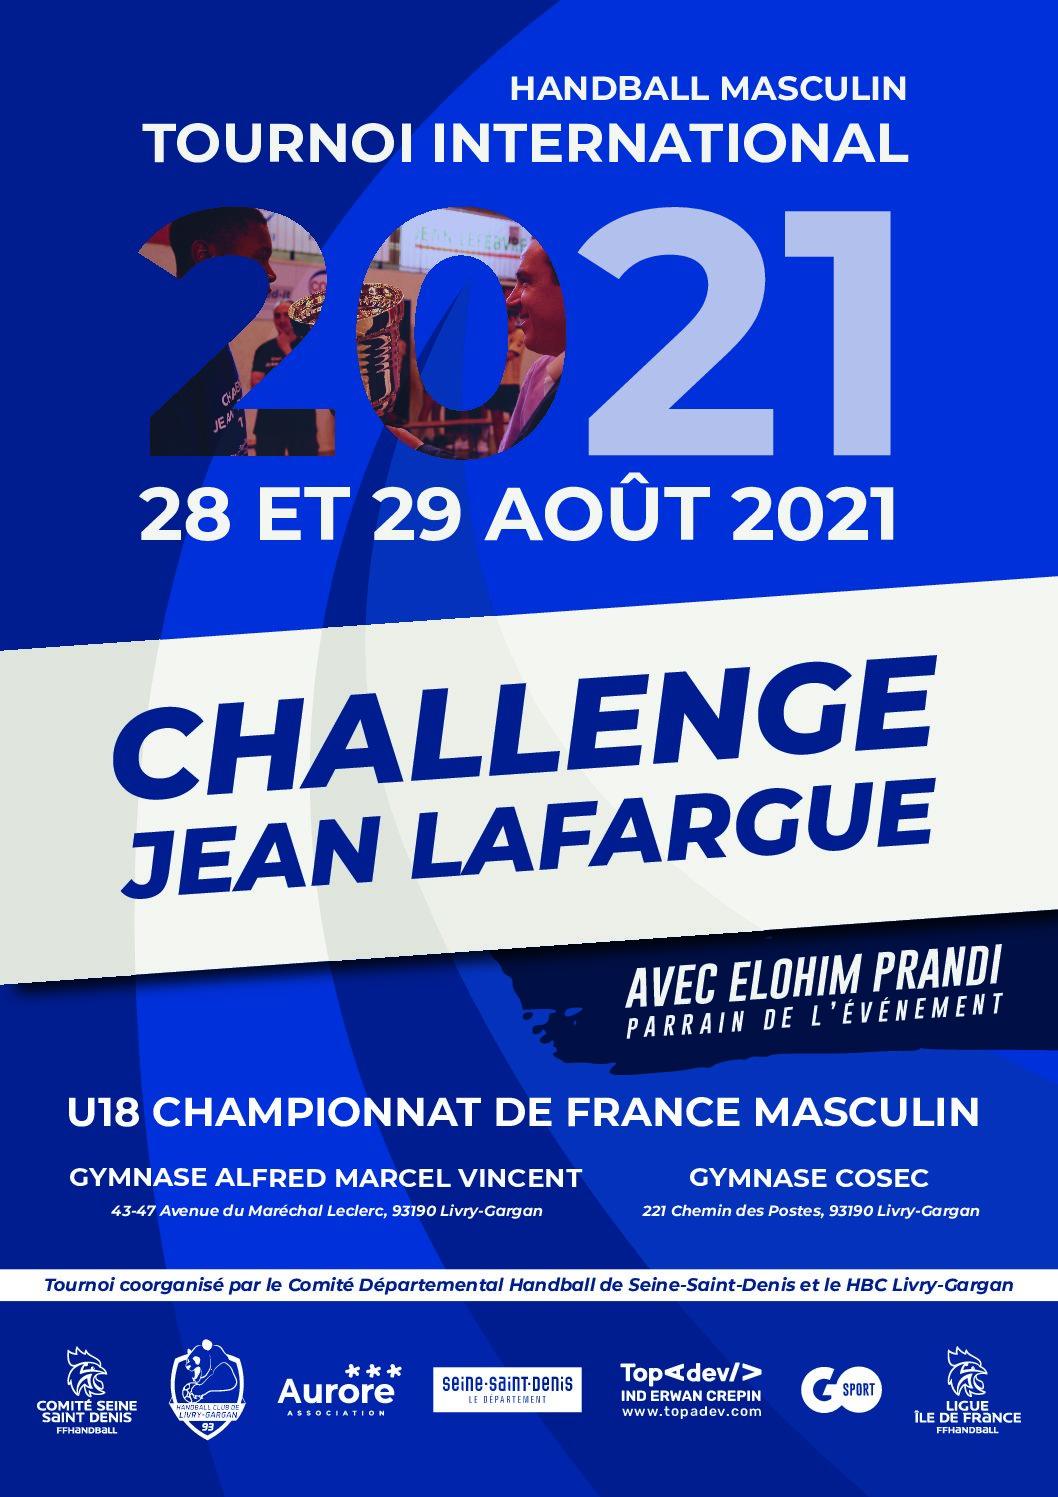 Tournoi Jean Lafargue et Pass Sanitaire…. Faisons le point !